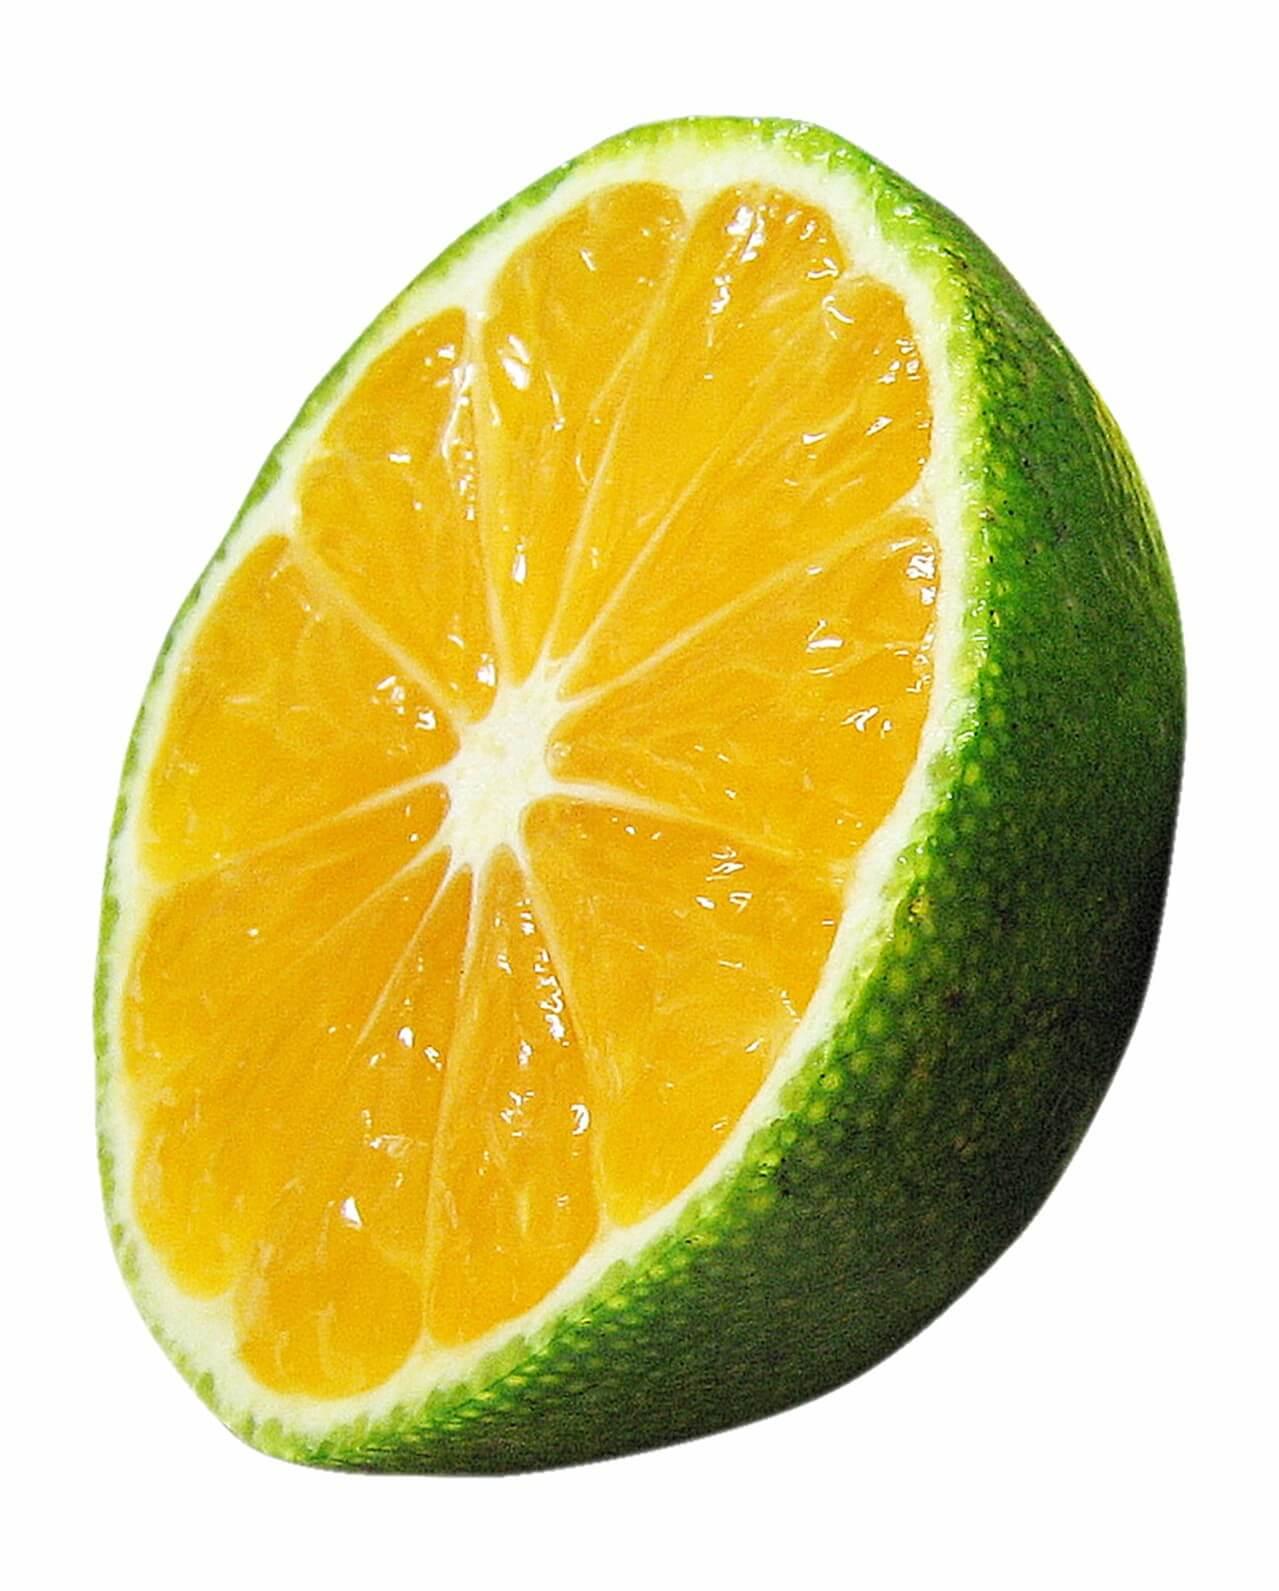 柑橘系果物の断面